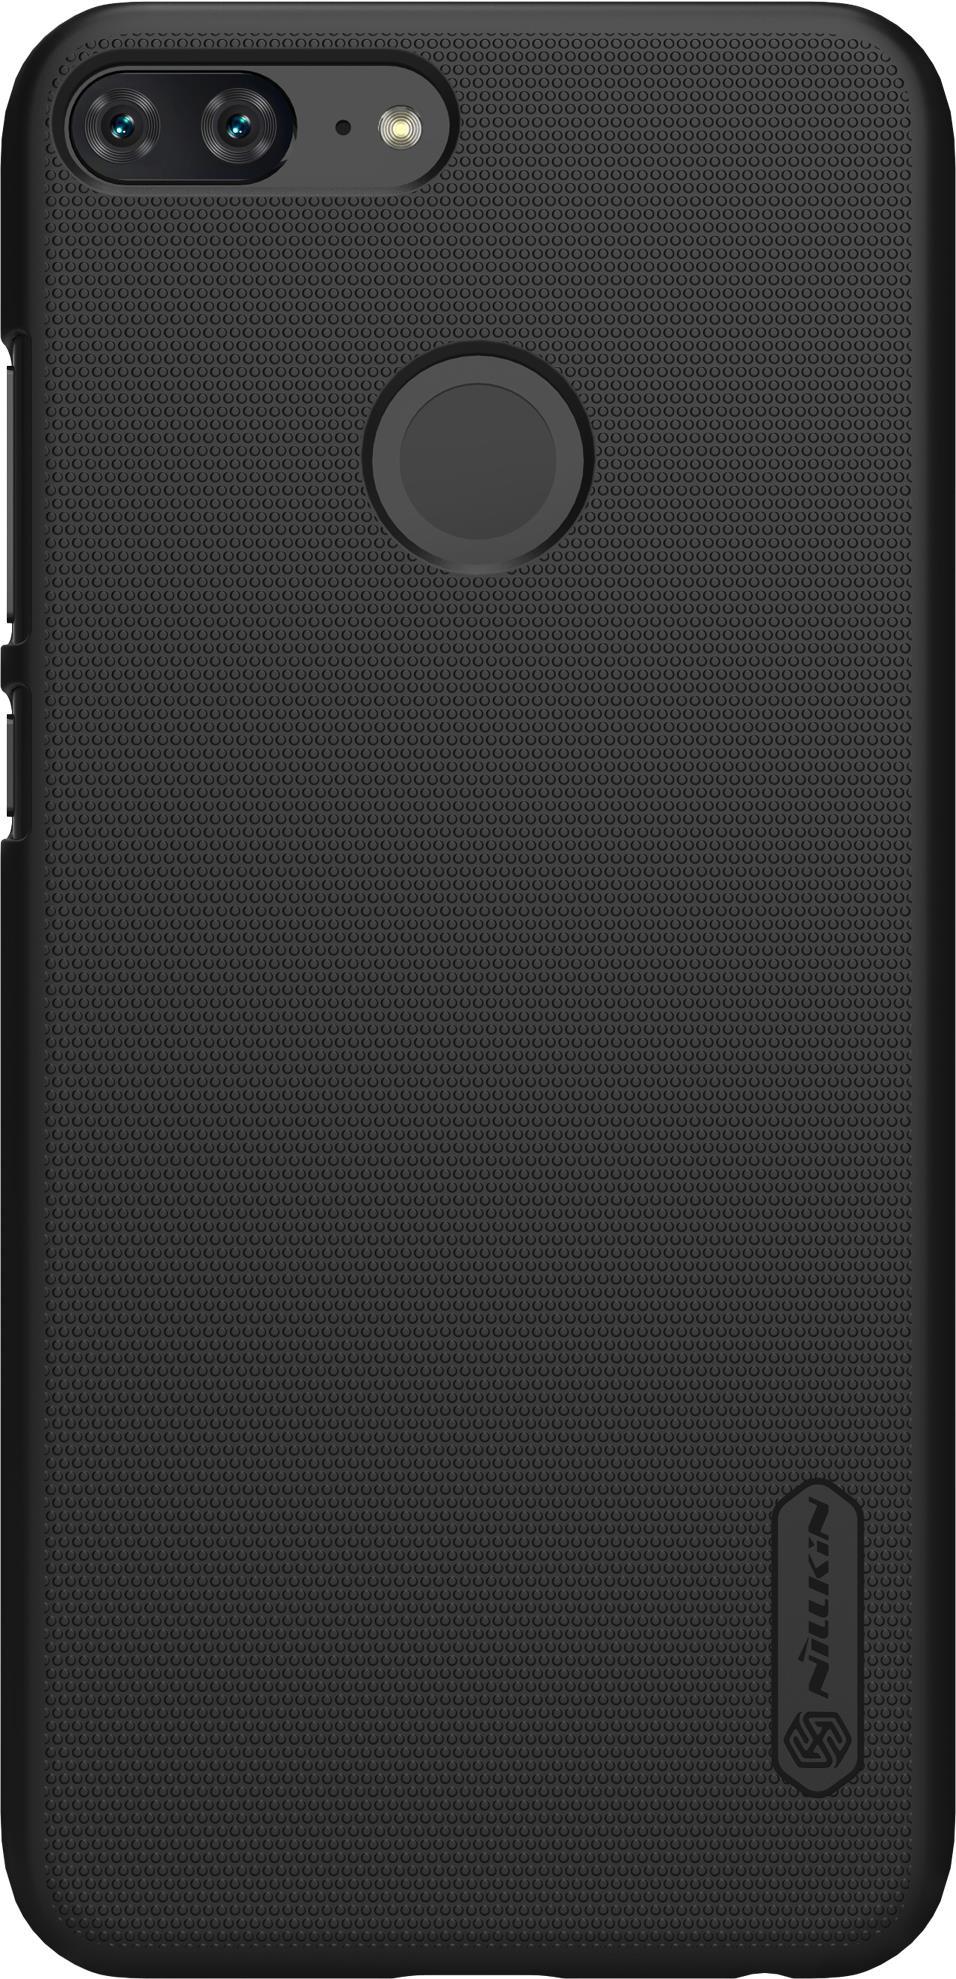 Чехол для сотового телефона Nillkin Super Frosted, 6902048152403, черный